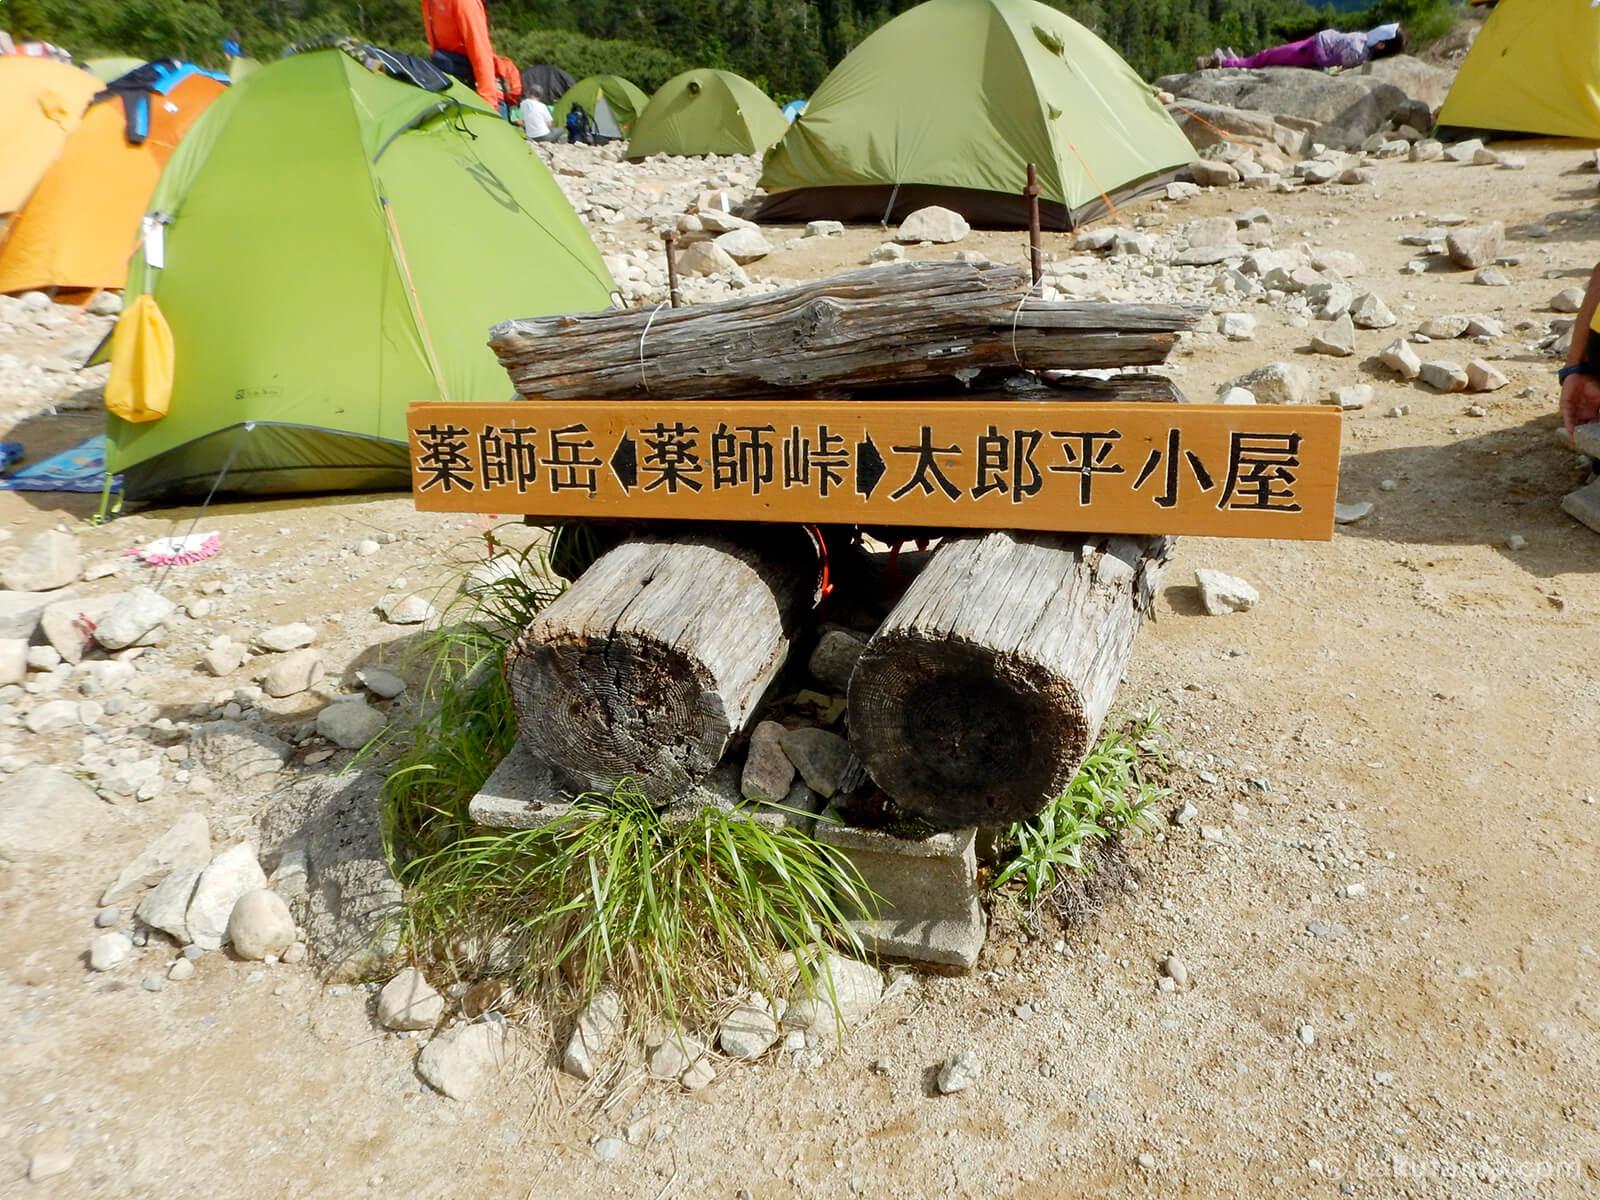 薬師峠キャンプ場の標識